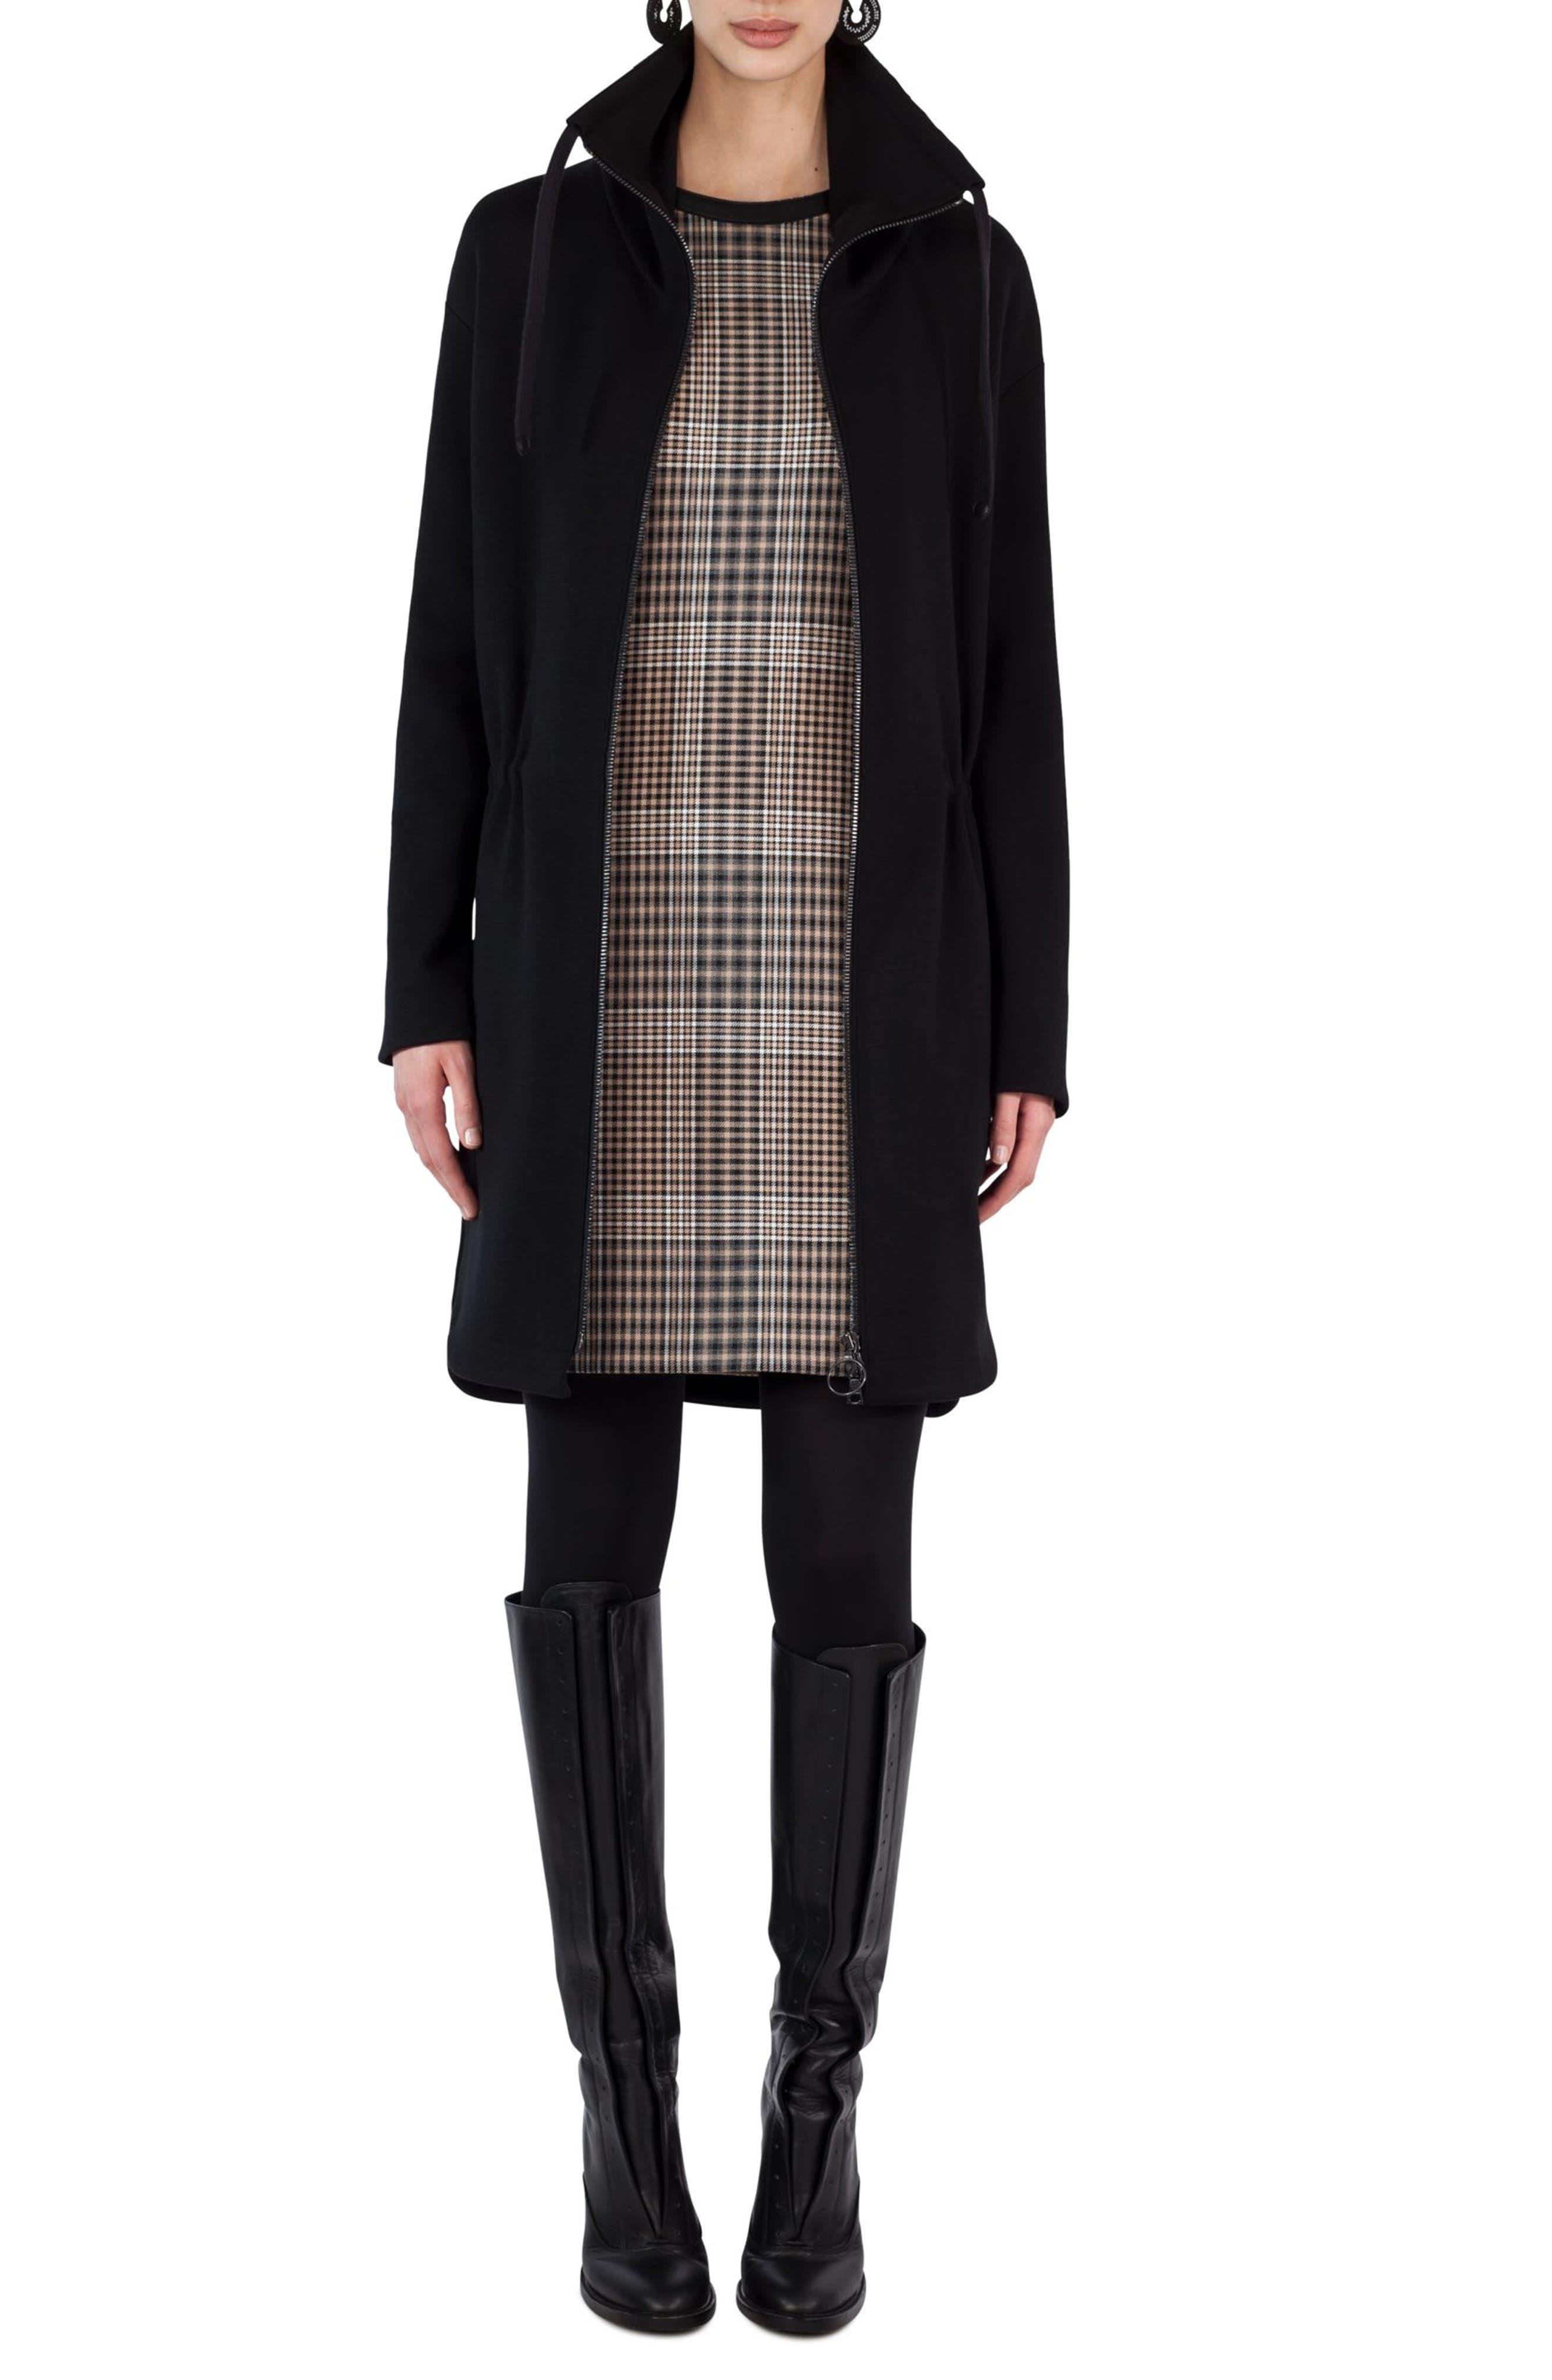 AKRIS PUNTO Drawstring Stretch Wool Coat